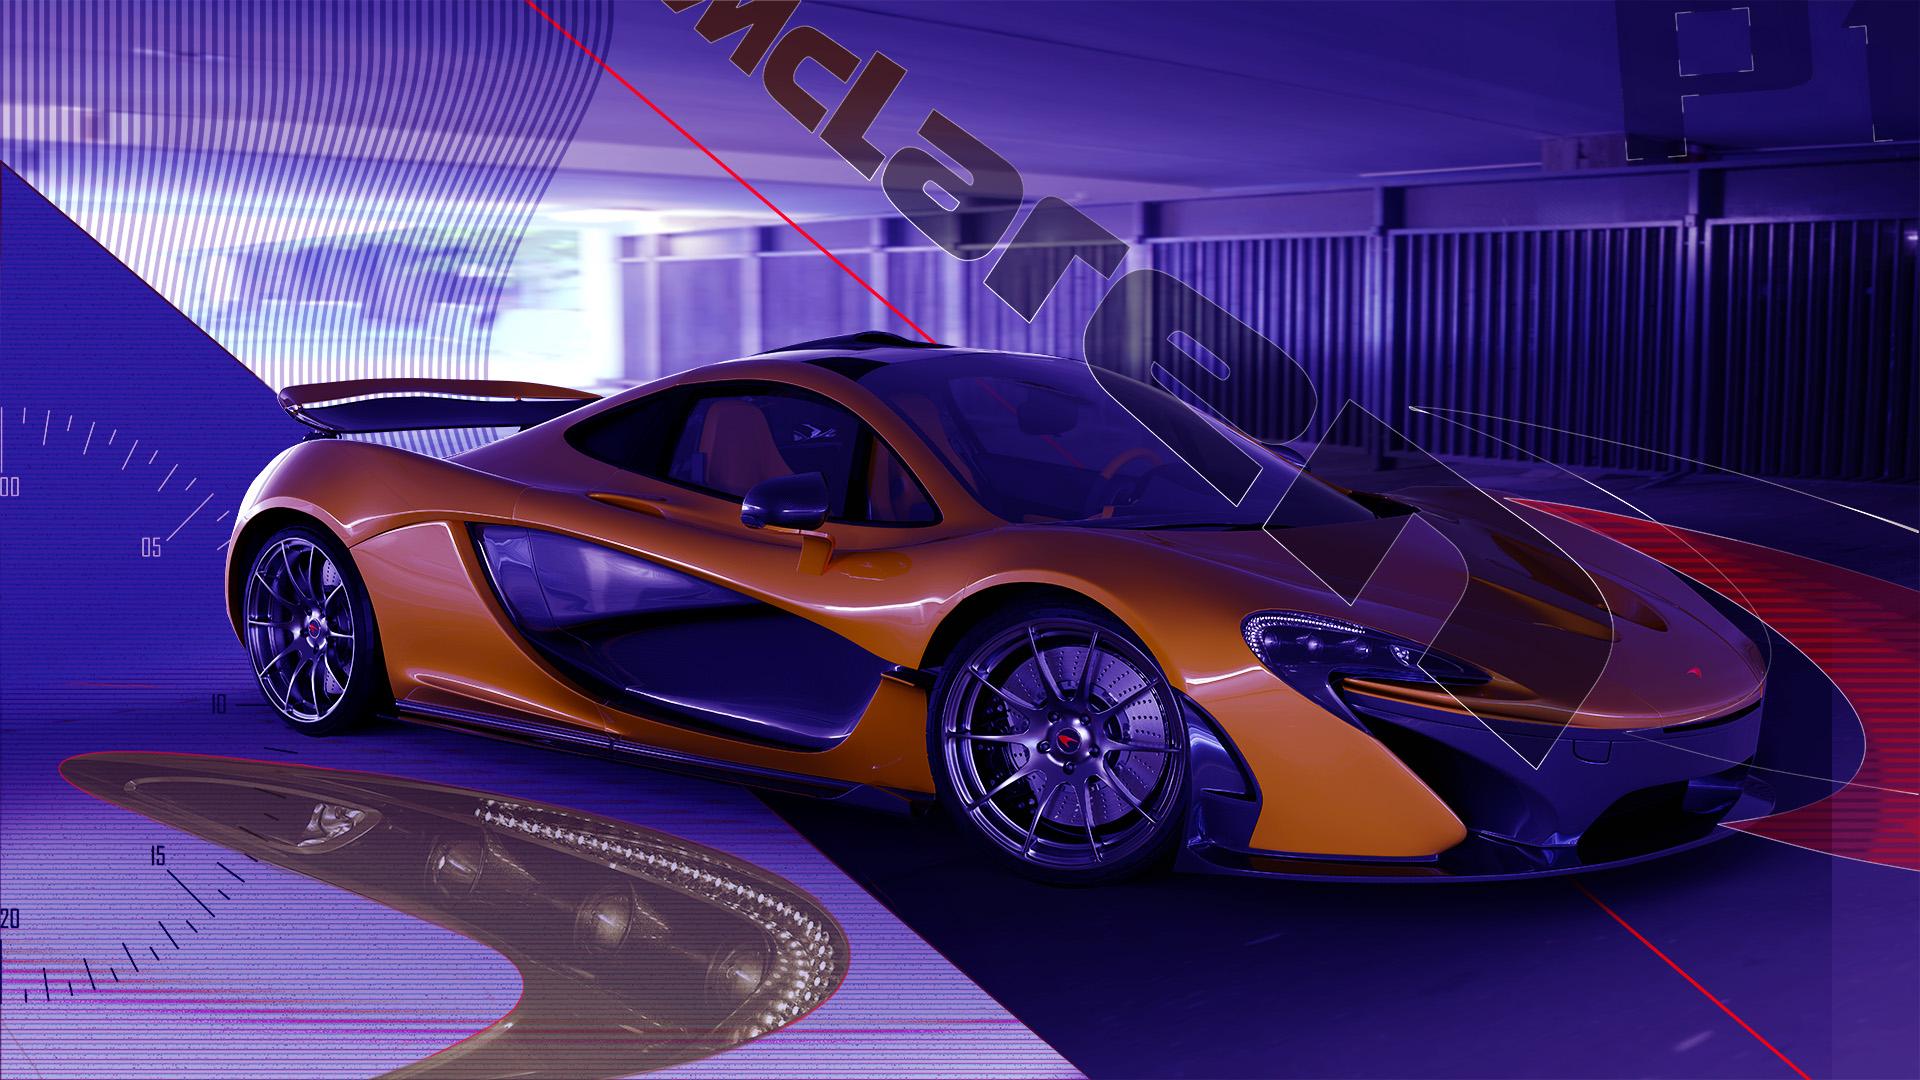 McLaren front_qtr.jpg